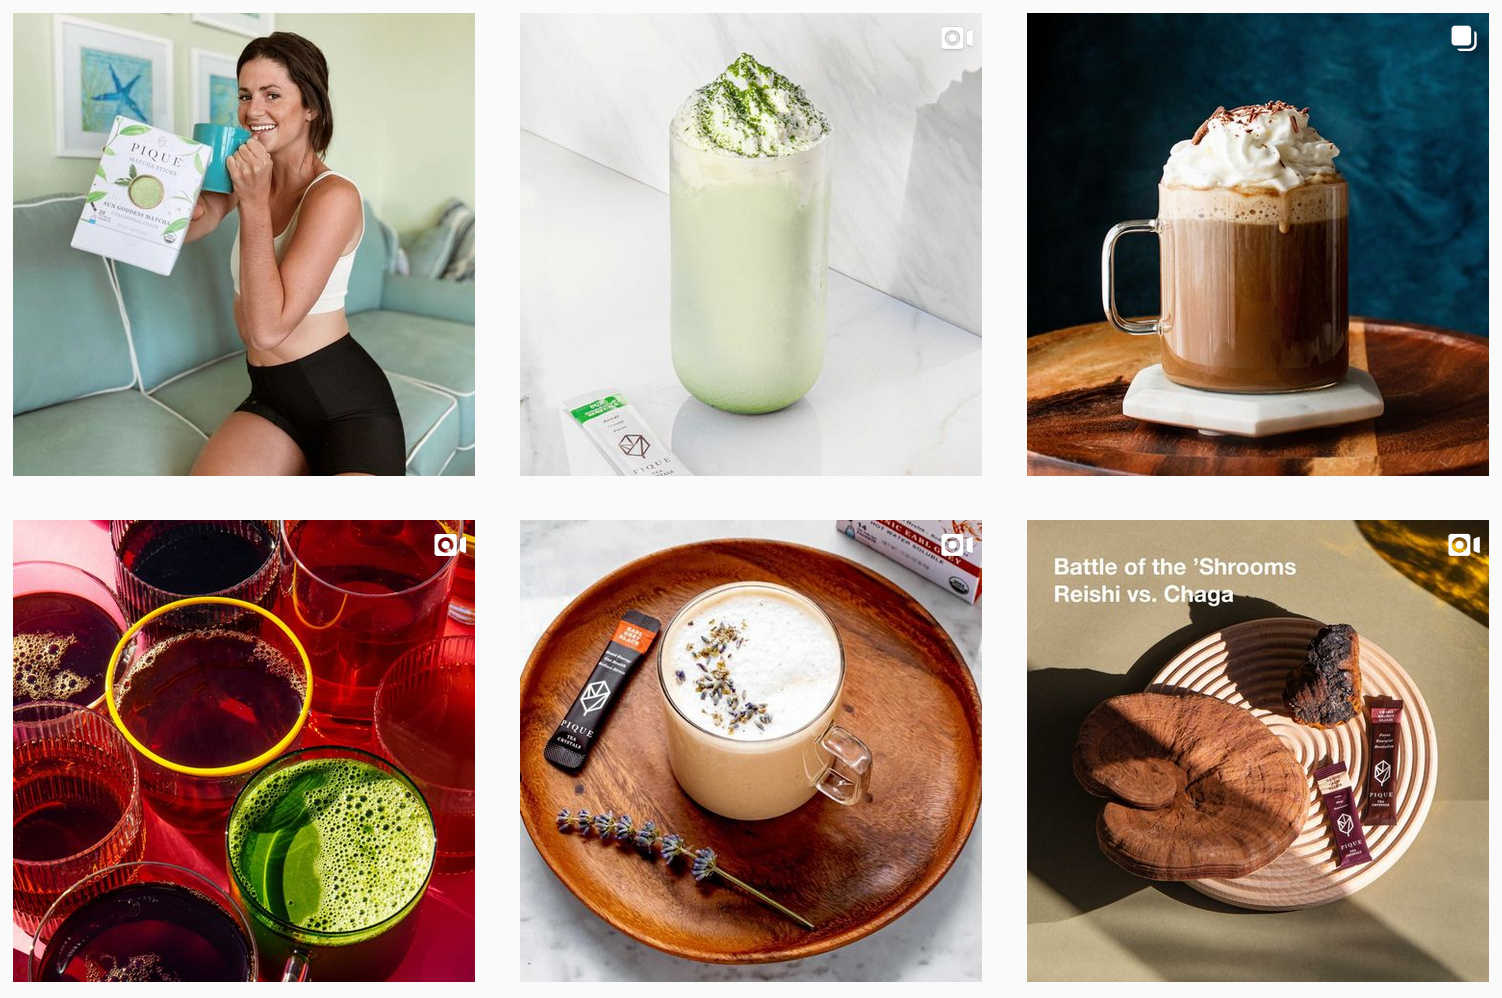 Pique Tea | Instagram Gallery Featuring Various Organic Tea Options